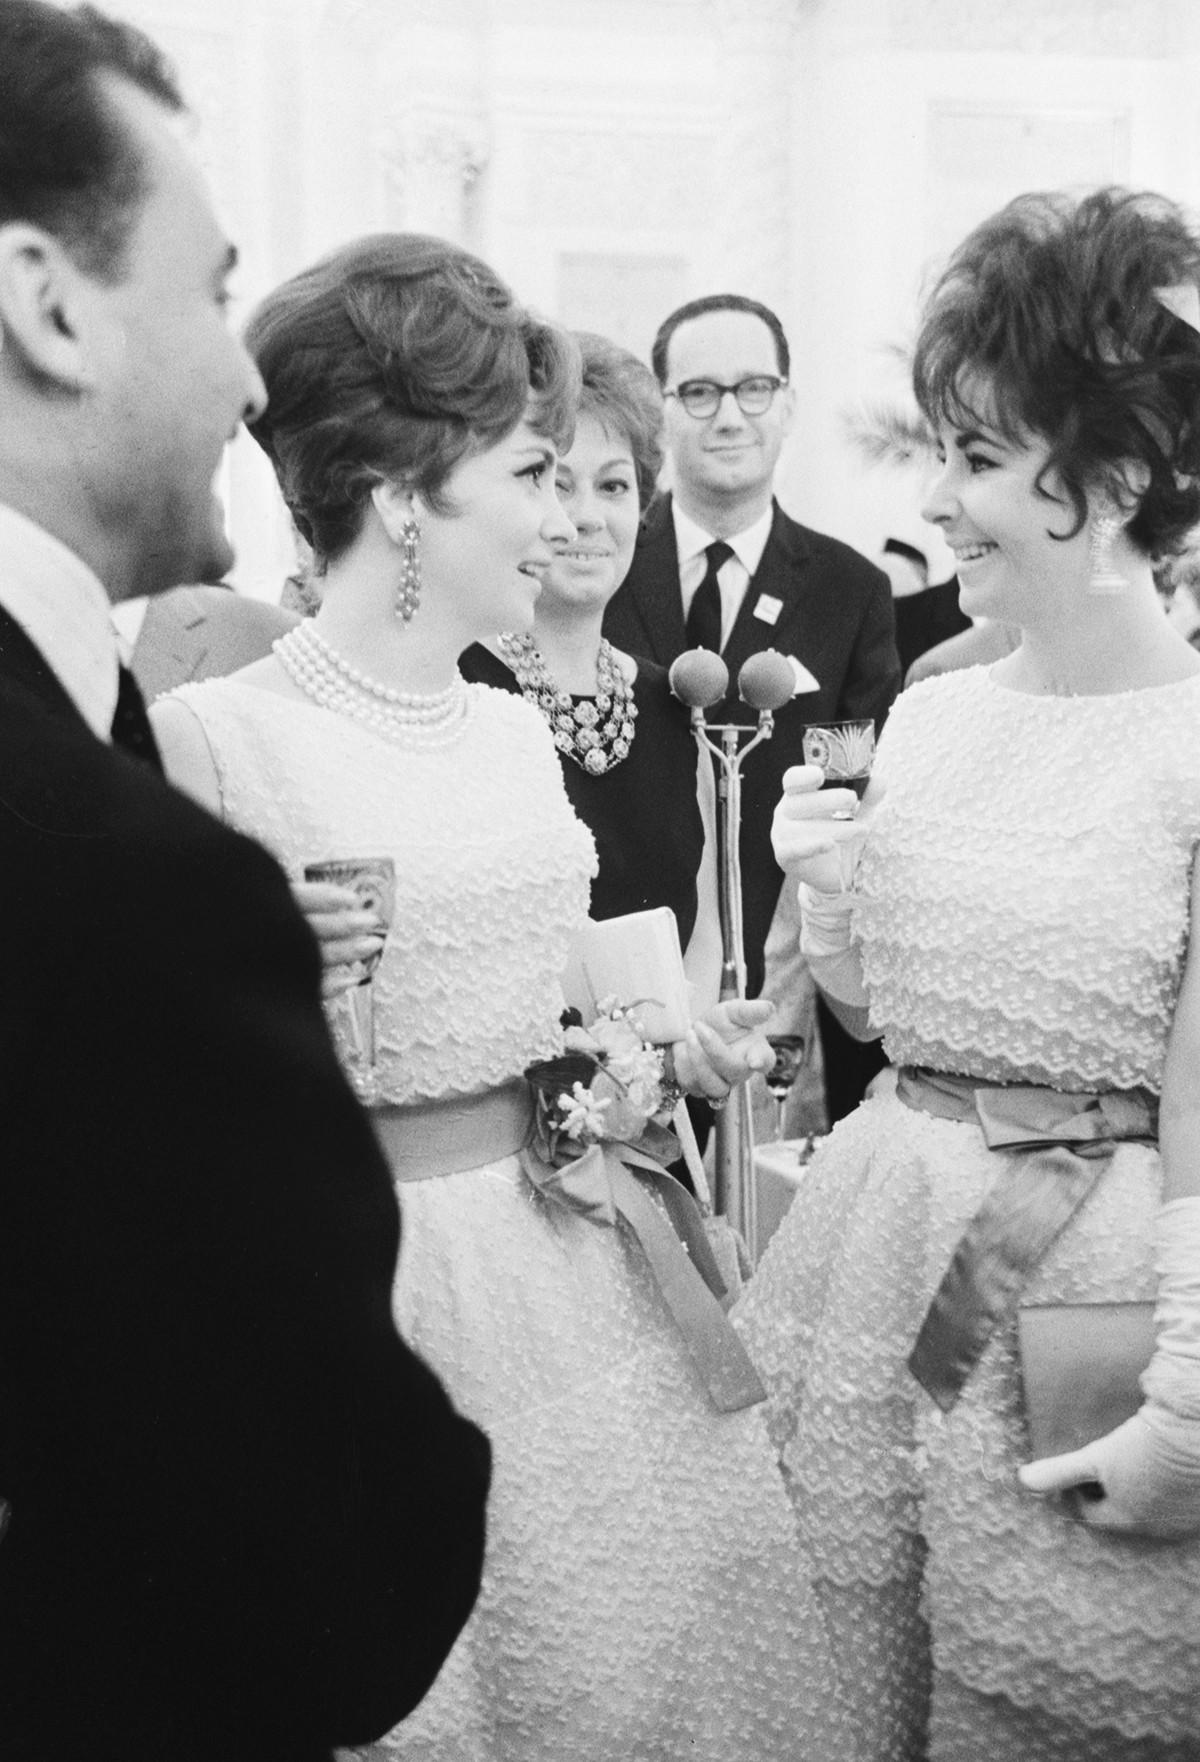 Элизабет Тейлор и Джина Лоллобриджида на торжественном приеме в Большом Кремлевском дворце